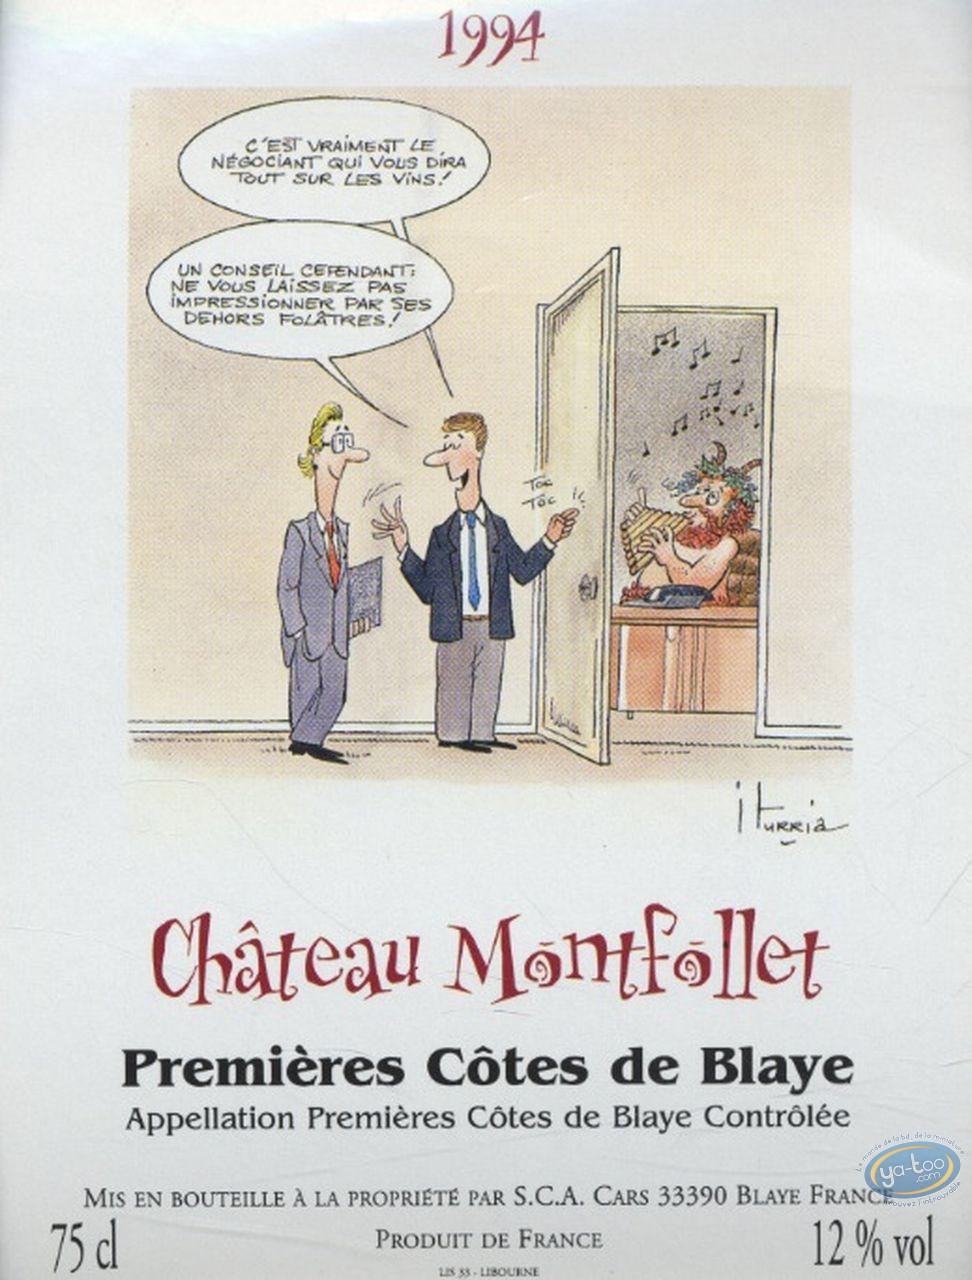 Wine Label, Le négociant - Chateau Montfollet 1994